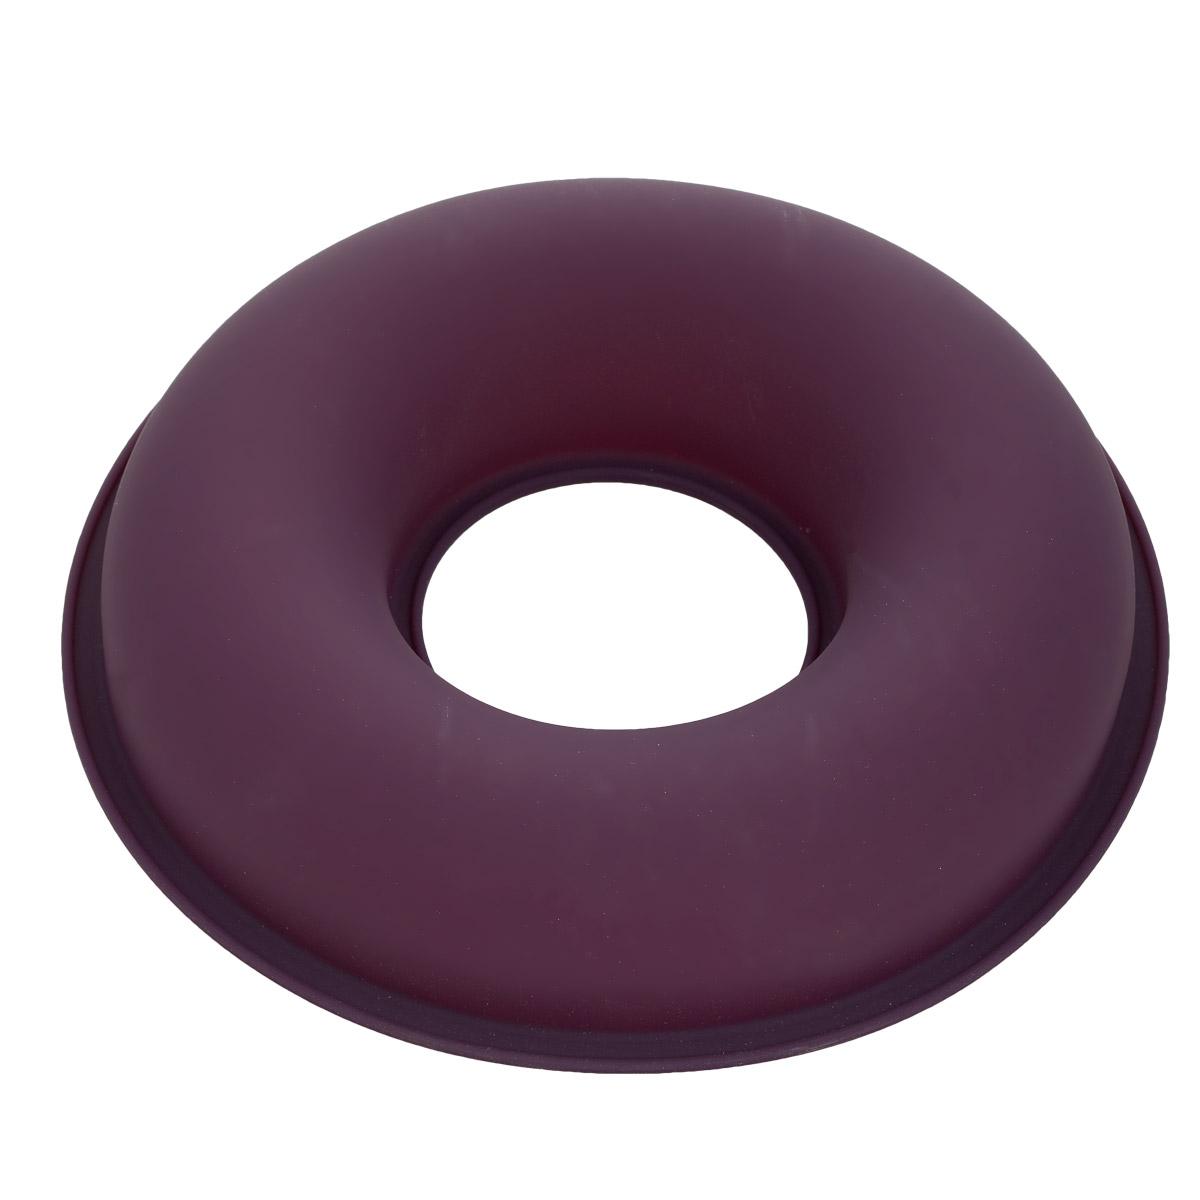 Форма для выпечки Bekker Круг, силиконовая, цвет: фиолетовый, диаметр 26,5 смBK-9468Форма для выпечки Bekker Круг изготовлена из силикона. Силиконовые формы для выпечки имеют много преимуществ по сравнению с традиционными металлическими формами и противнями. Они идеально подходят для использования в микроволновых, газовых и электрических печах при температурах до +250°С; в случае заморозки до -50°С. Можно мыть в посудомоечной машине. За счет высокой теплопроводности силикона изделия выпекаются заметно быстрее. Благодаря гибкости и антиприлипающим свойствам силикона, готовое изделие легко извлекается из формы. Для этого достаточно отогнуть края и вывернуть форму (выпечке дайте немного остыть, а замороженный продукт лучше вынимать сразу). Силикон абсолютно безвреден для здоровья, не впитывает запахи, не оставляет пятен, легко моется. Форма для выпечки Bekker Круг - практичный и необходимый подарок любой хозяйке!